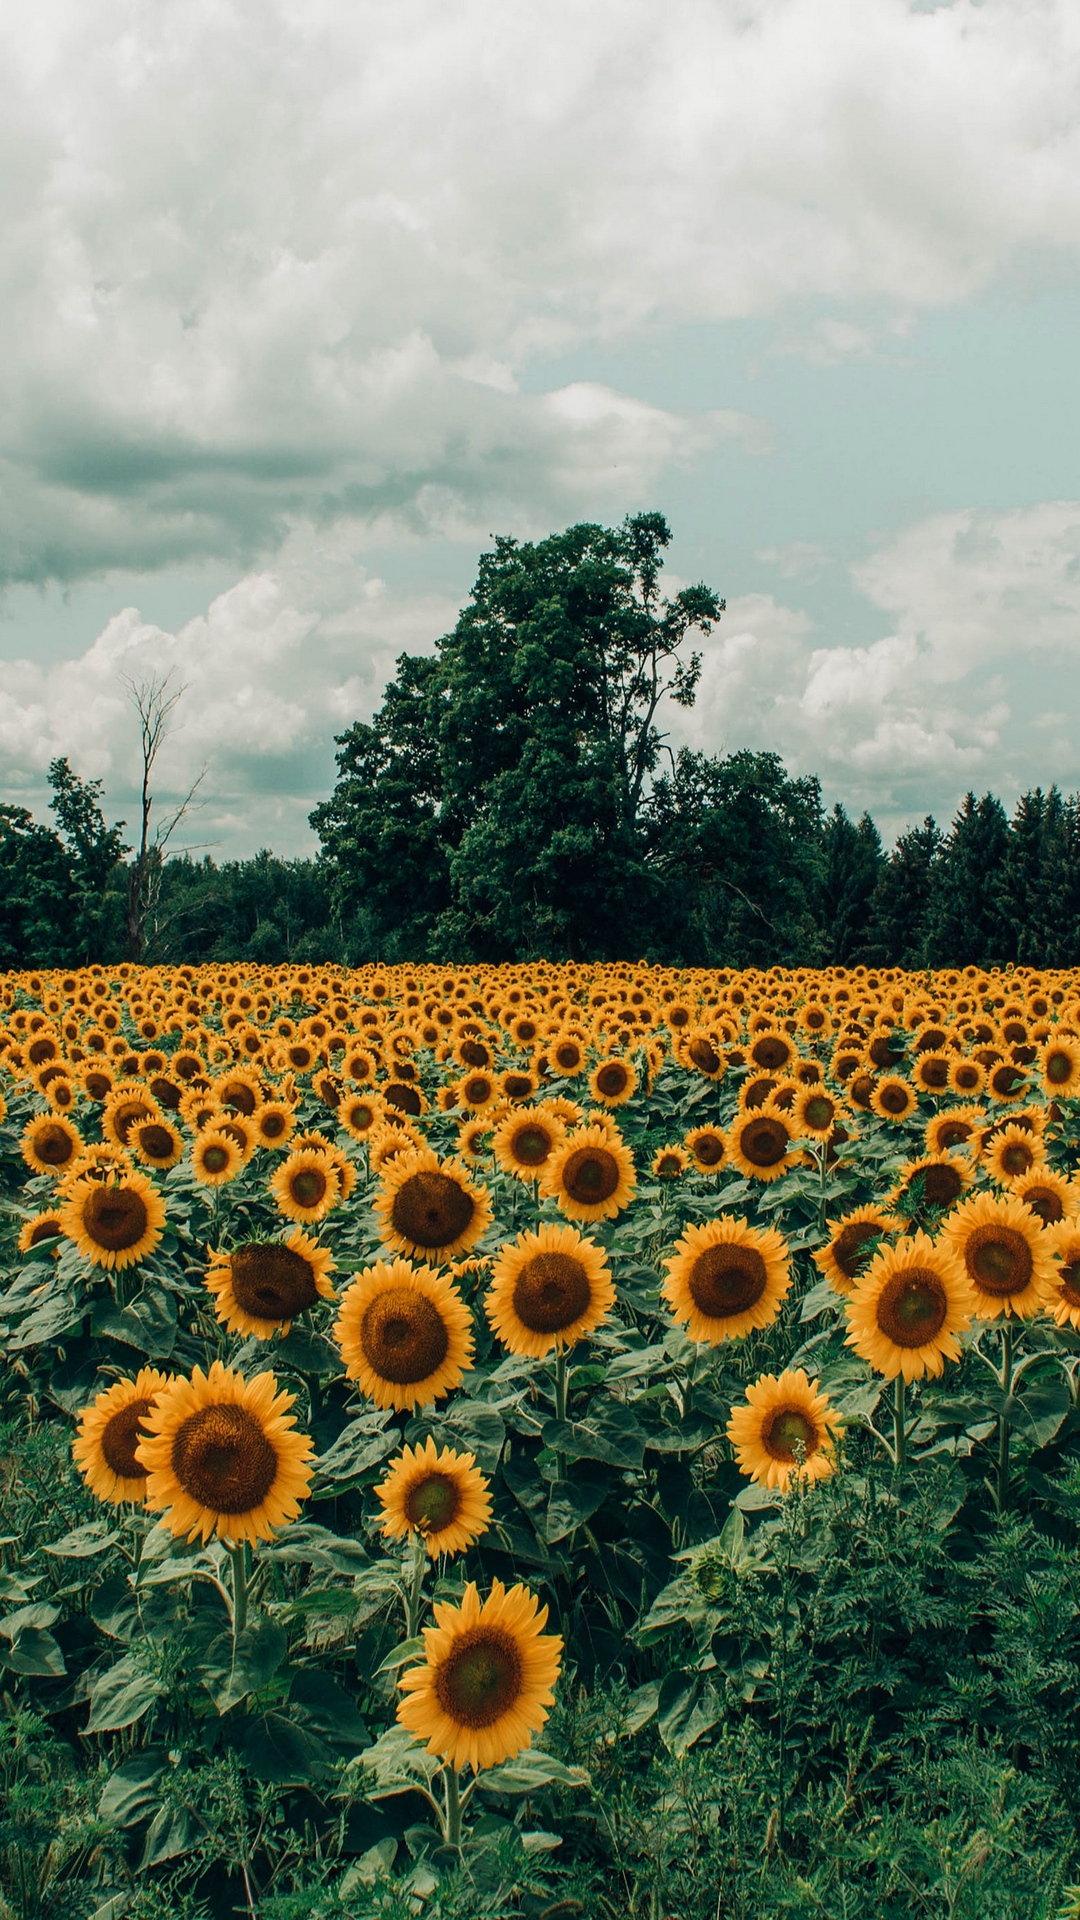 Sunflowers Field Flowers Wallpaper - 1080x1920